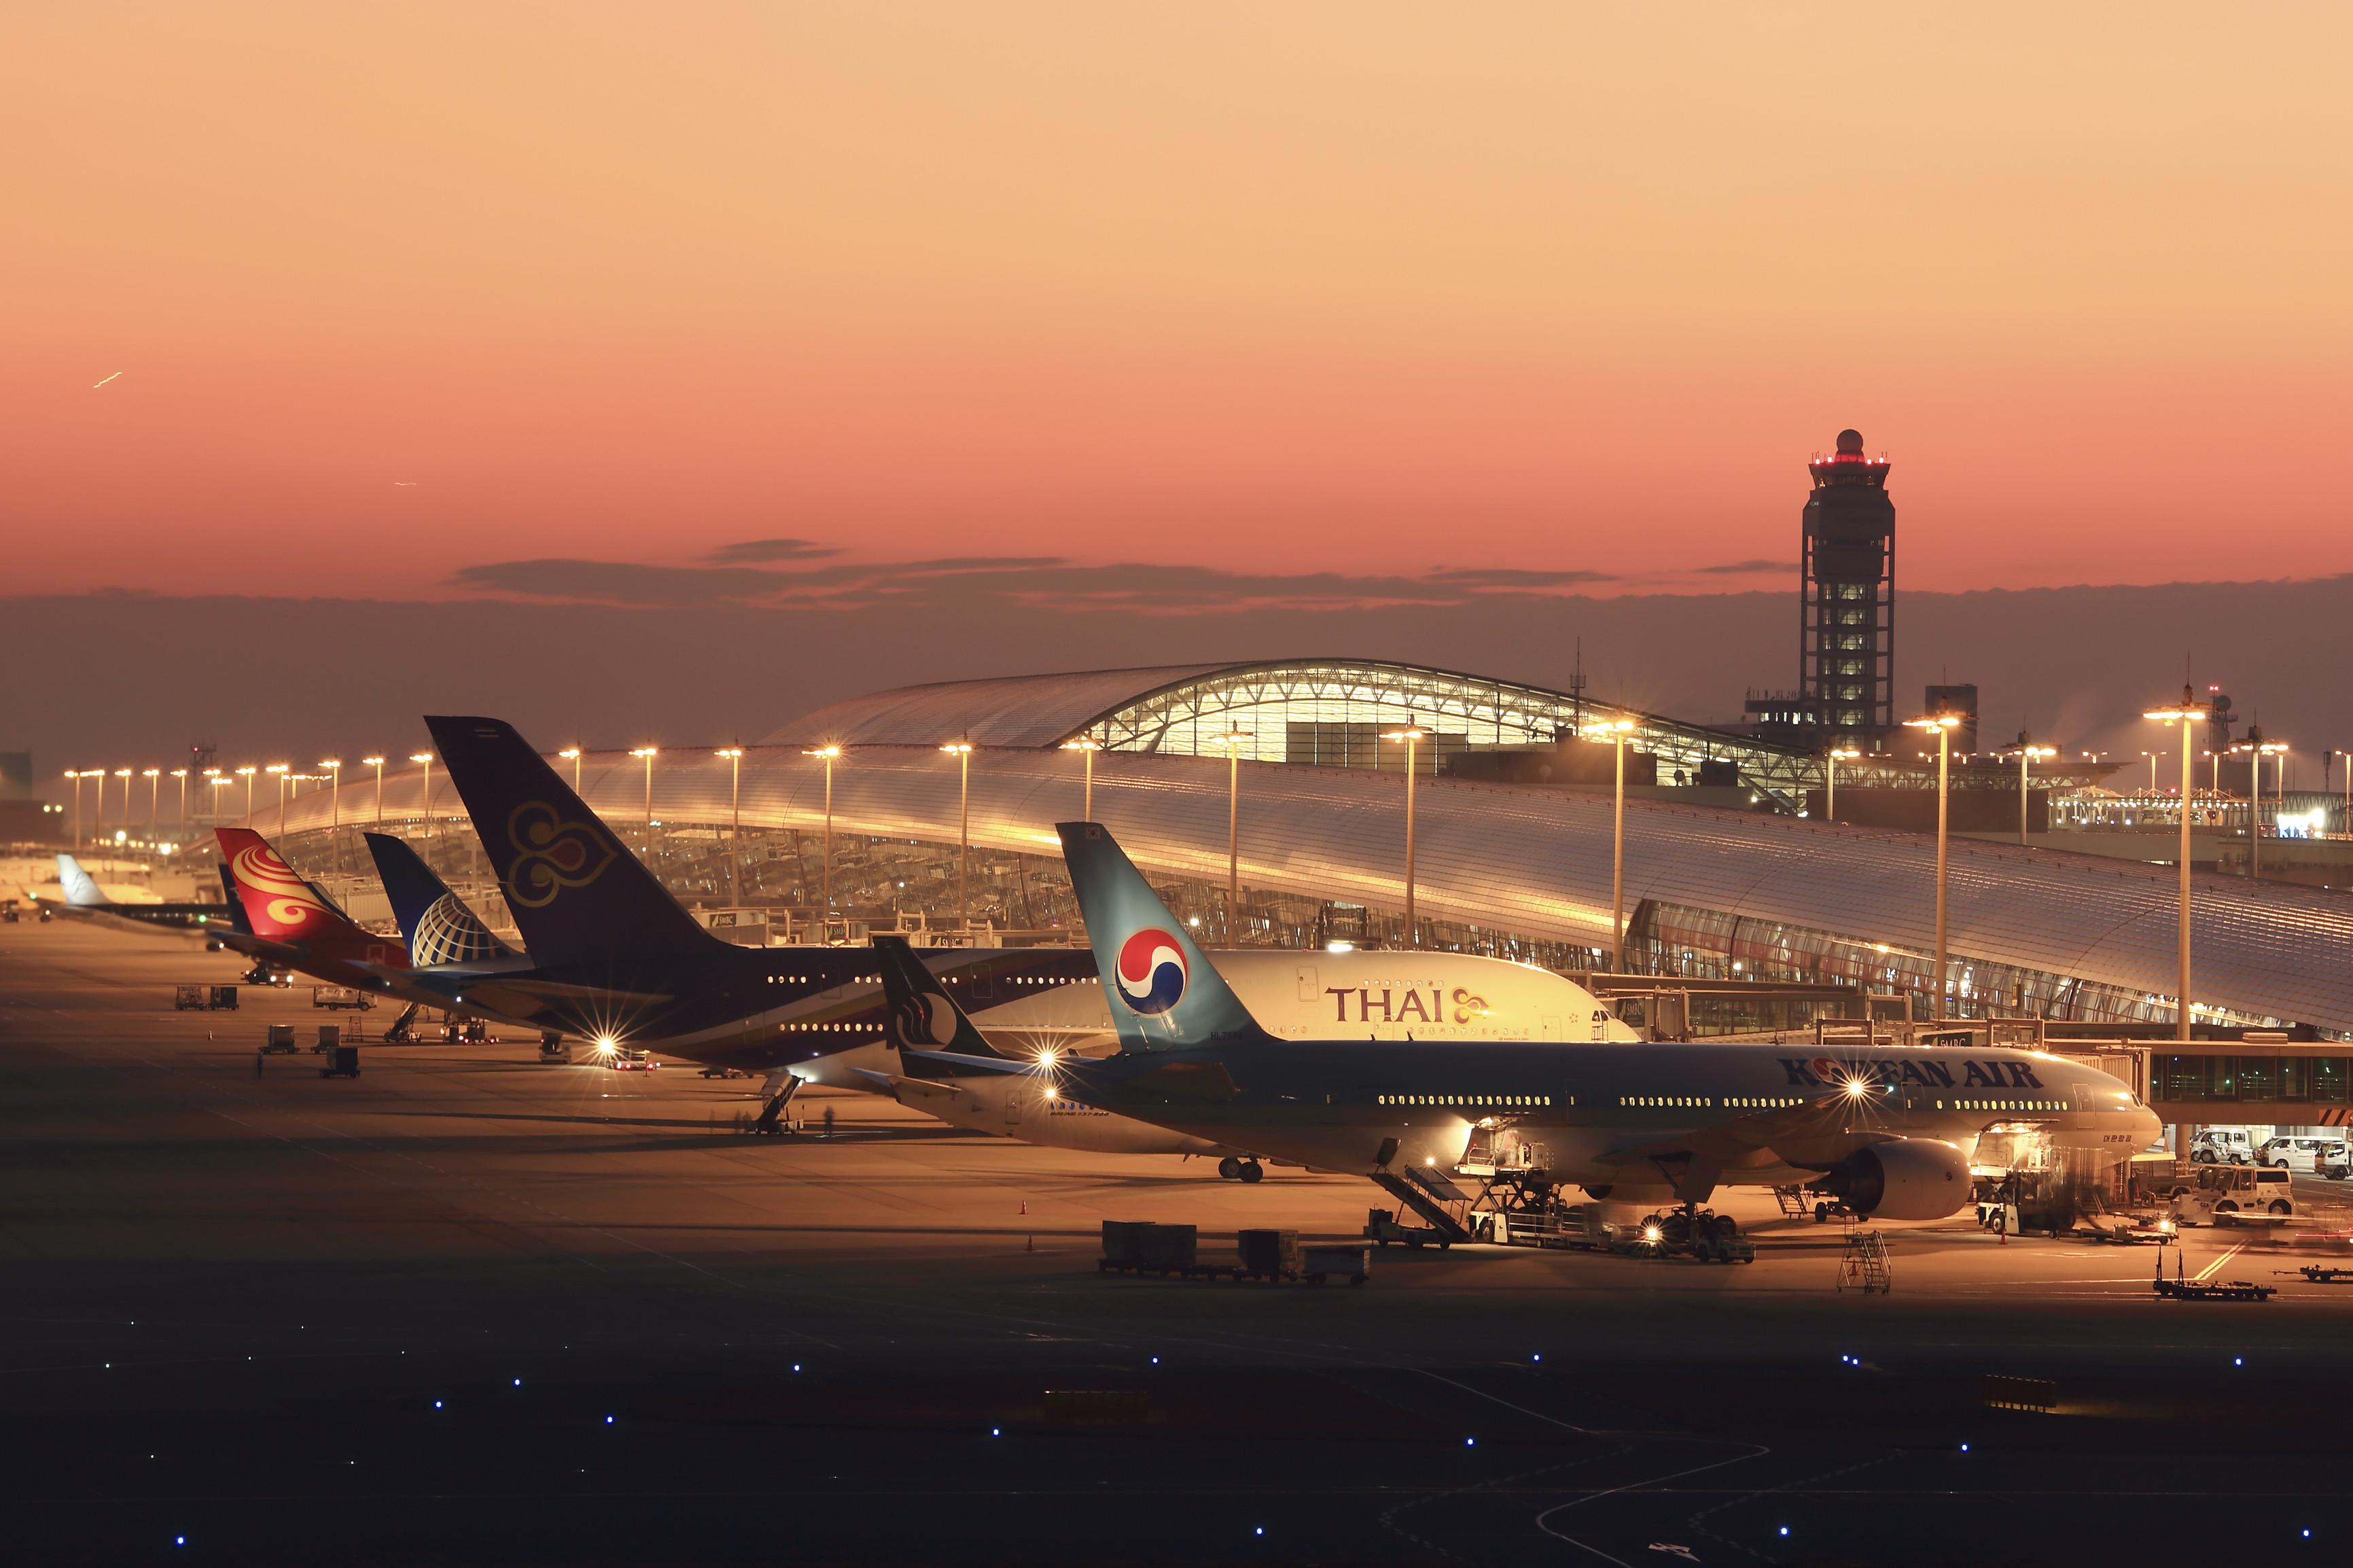 12_小松美紀 次はどの飛行機に乗ってどこへ行く? 大阪 関西国際空港